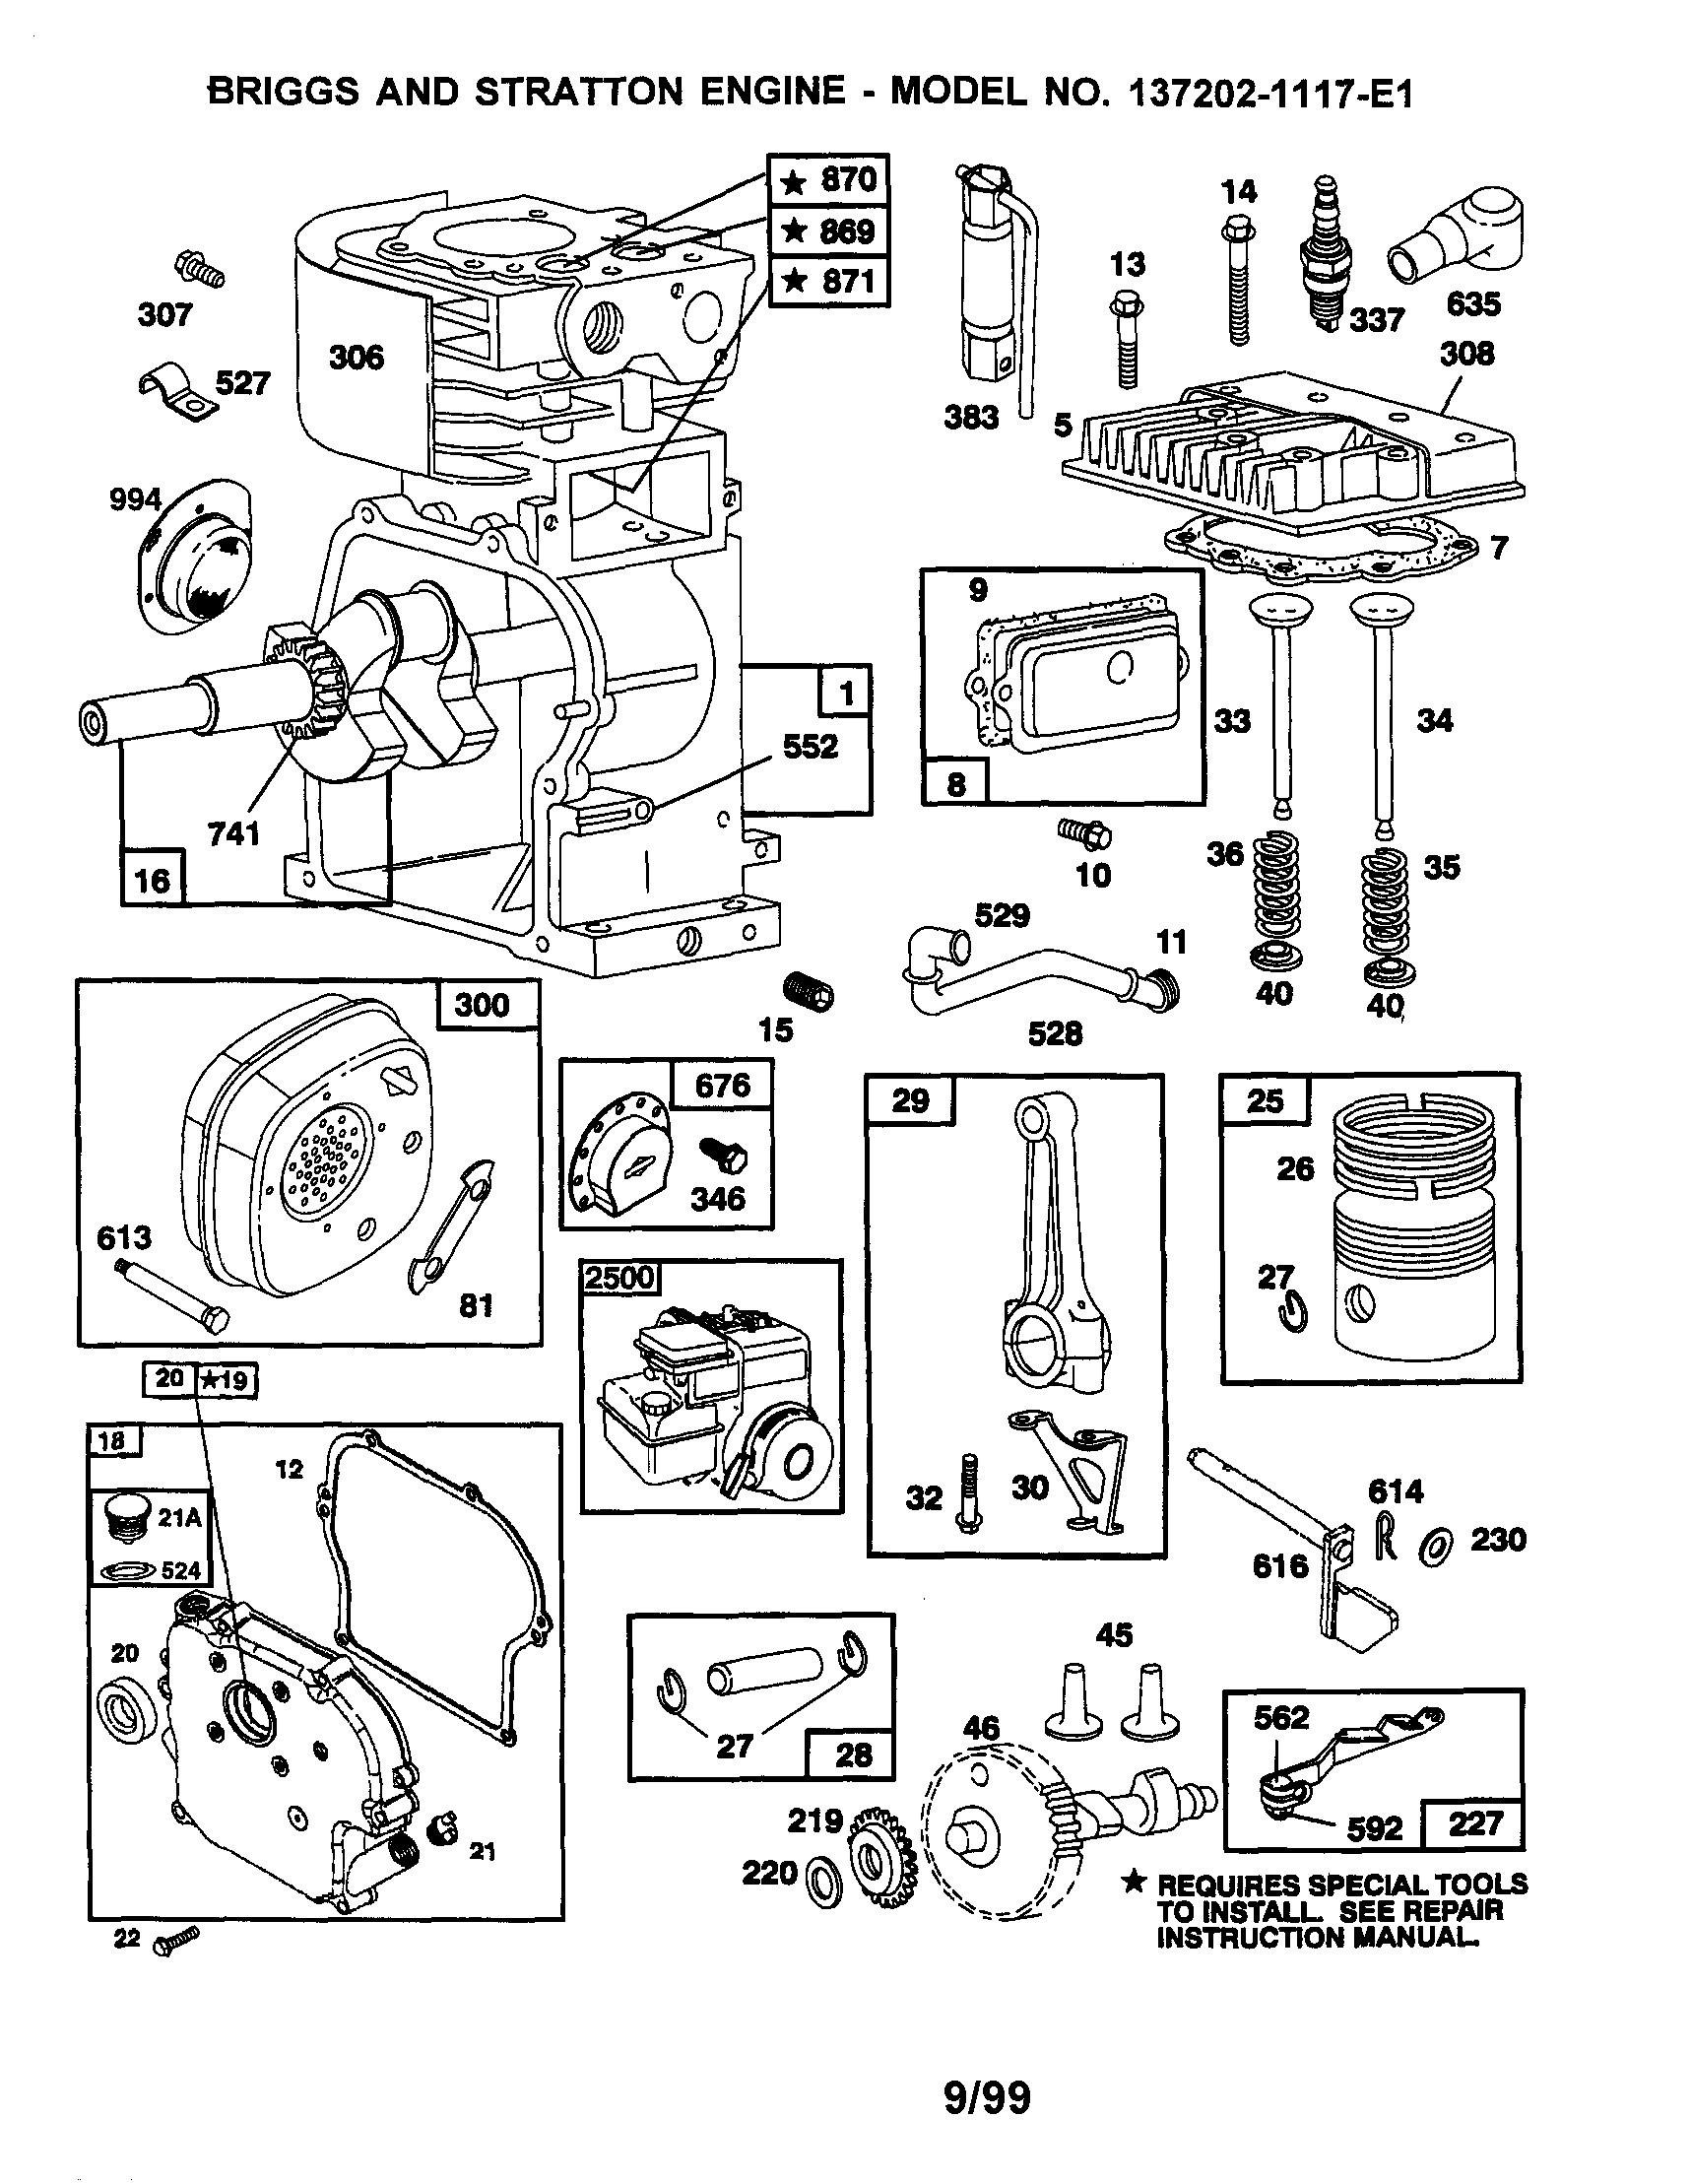 Parts Diagram for Briggs Stratton Engine Briggs Stratton